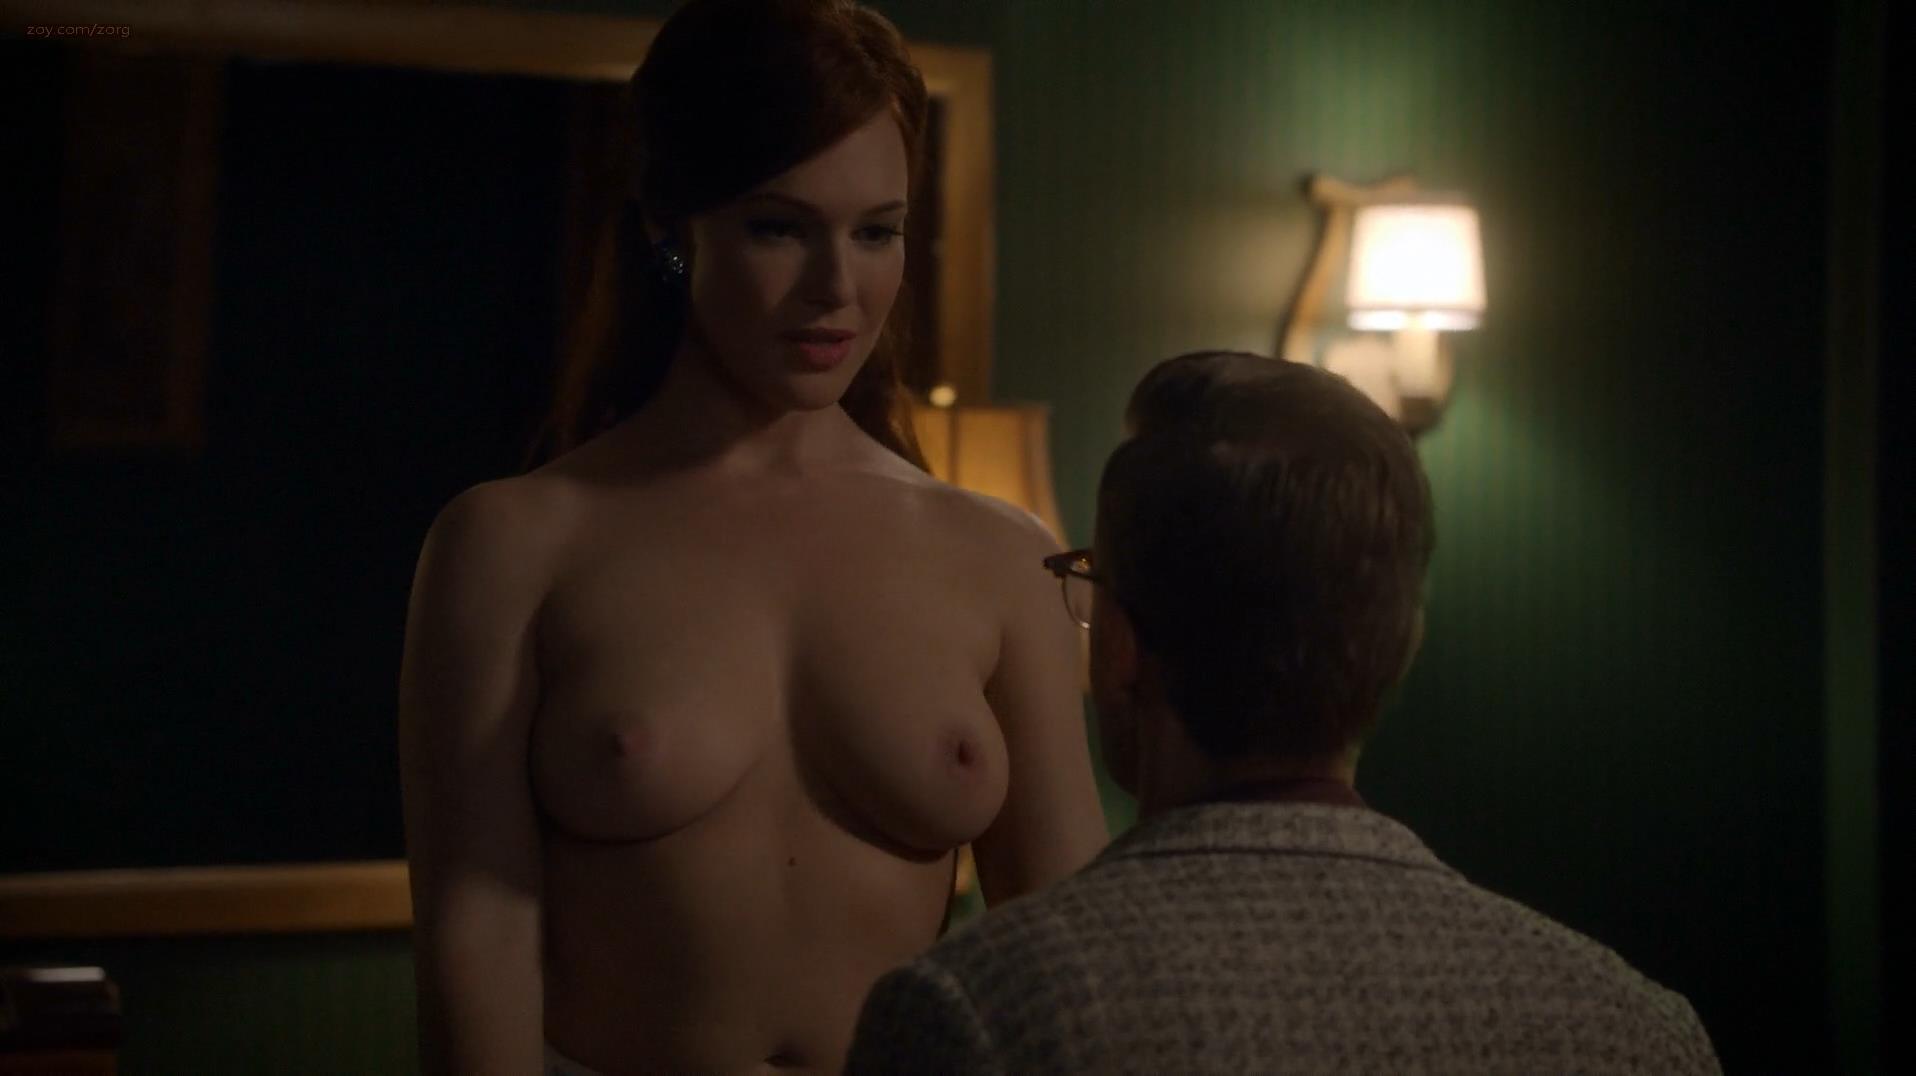 taraji p henson nakct boobs